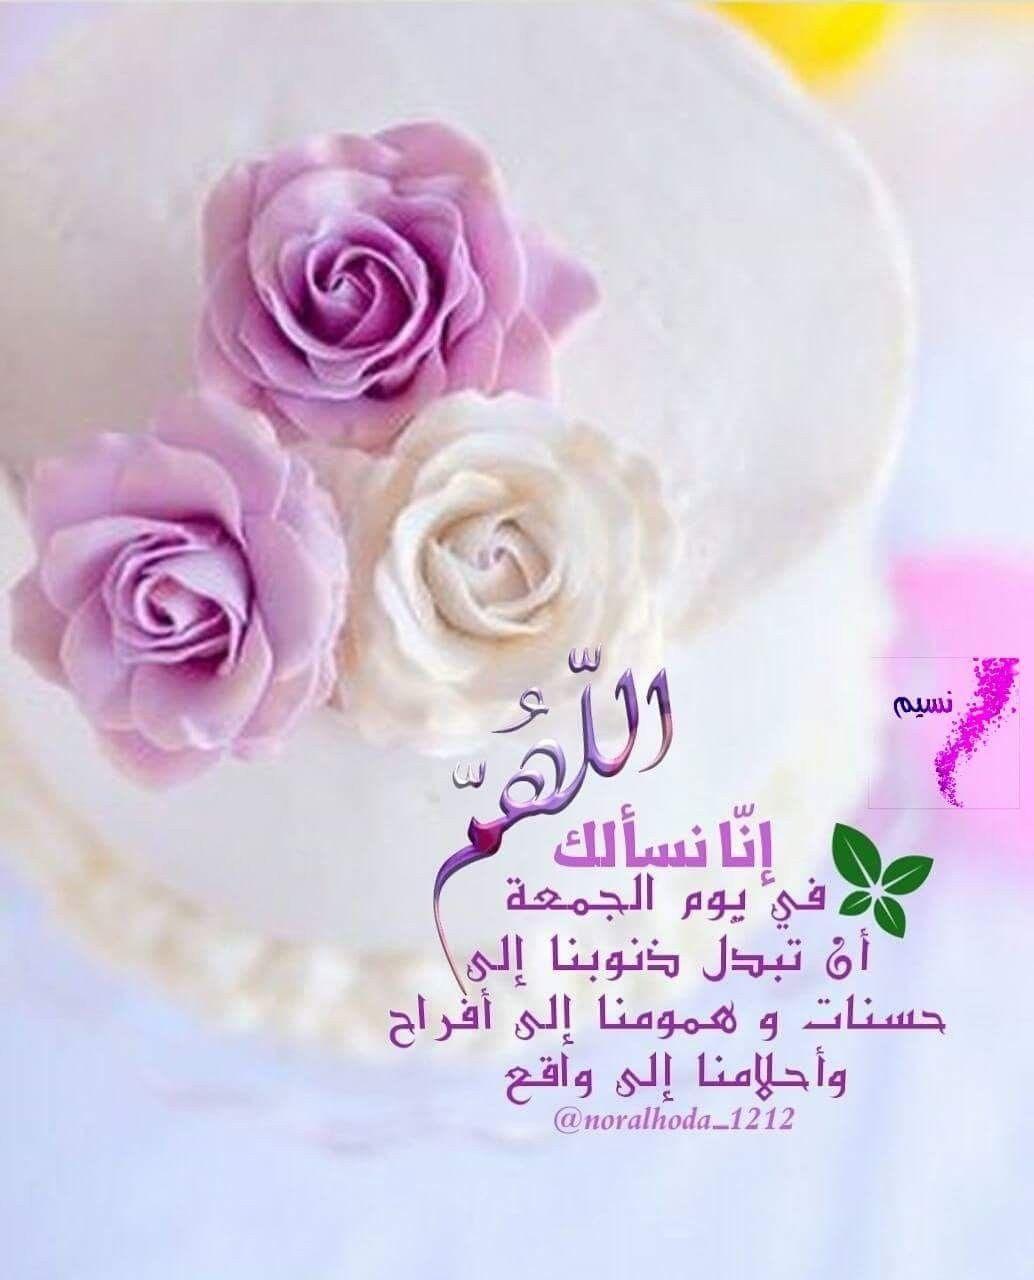 عندما أحن اليك أرحل مني إليك لأطبع قبلة حنين على وجنتيك تداوي سقم القلوب وتشفي ال Blessed Friday Beautiful Morning Messages Ramadan Crafts